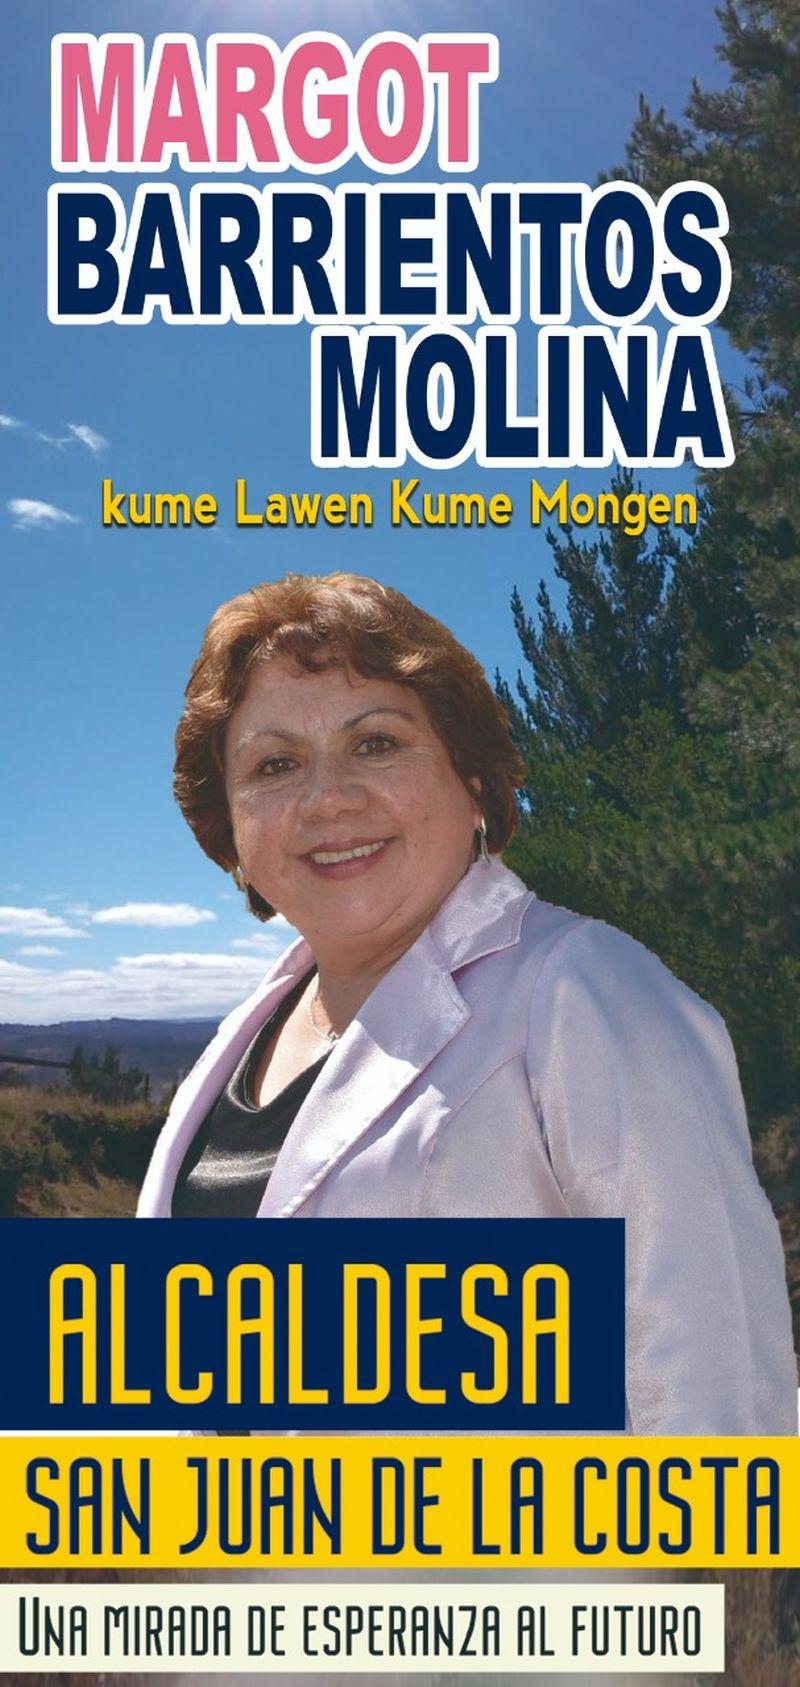 Lanzamiento de campaña de Margoth Barrientos Molina